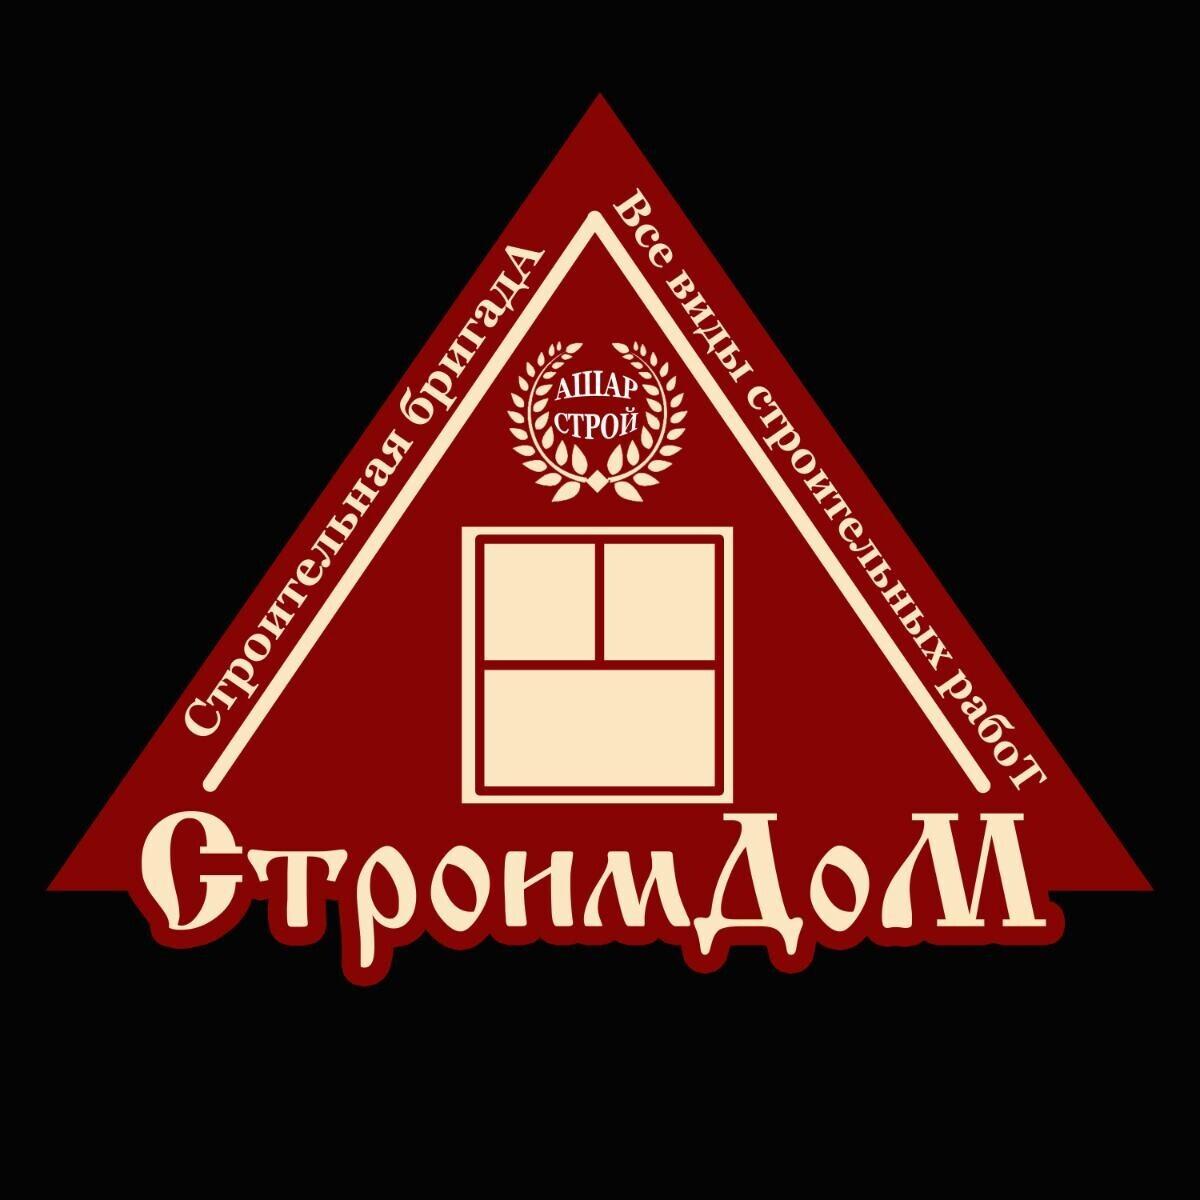 Ашарстрой - Бизнес-профиль компании на lalafo.kg | Кыргызстан